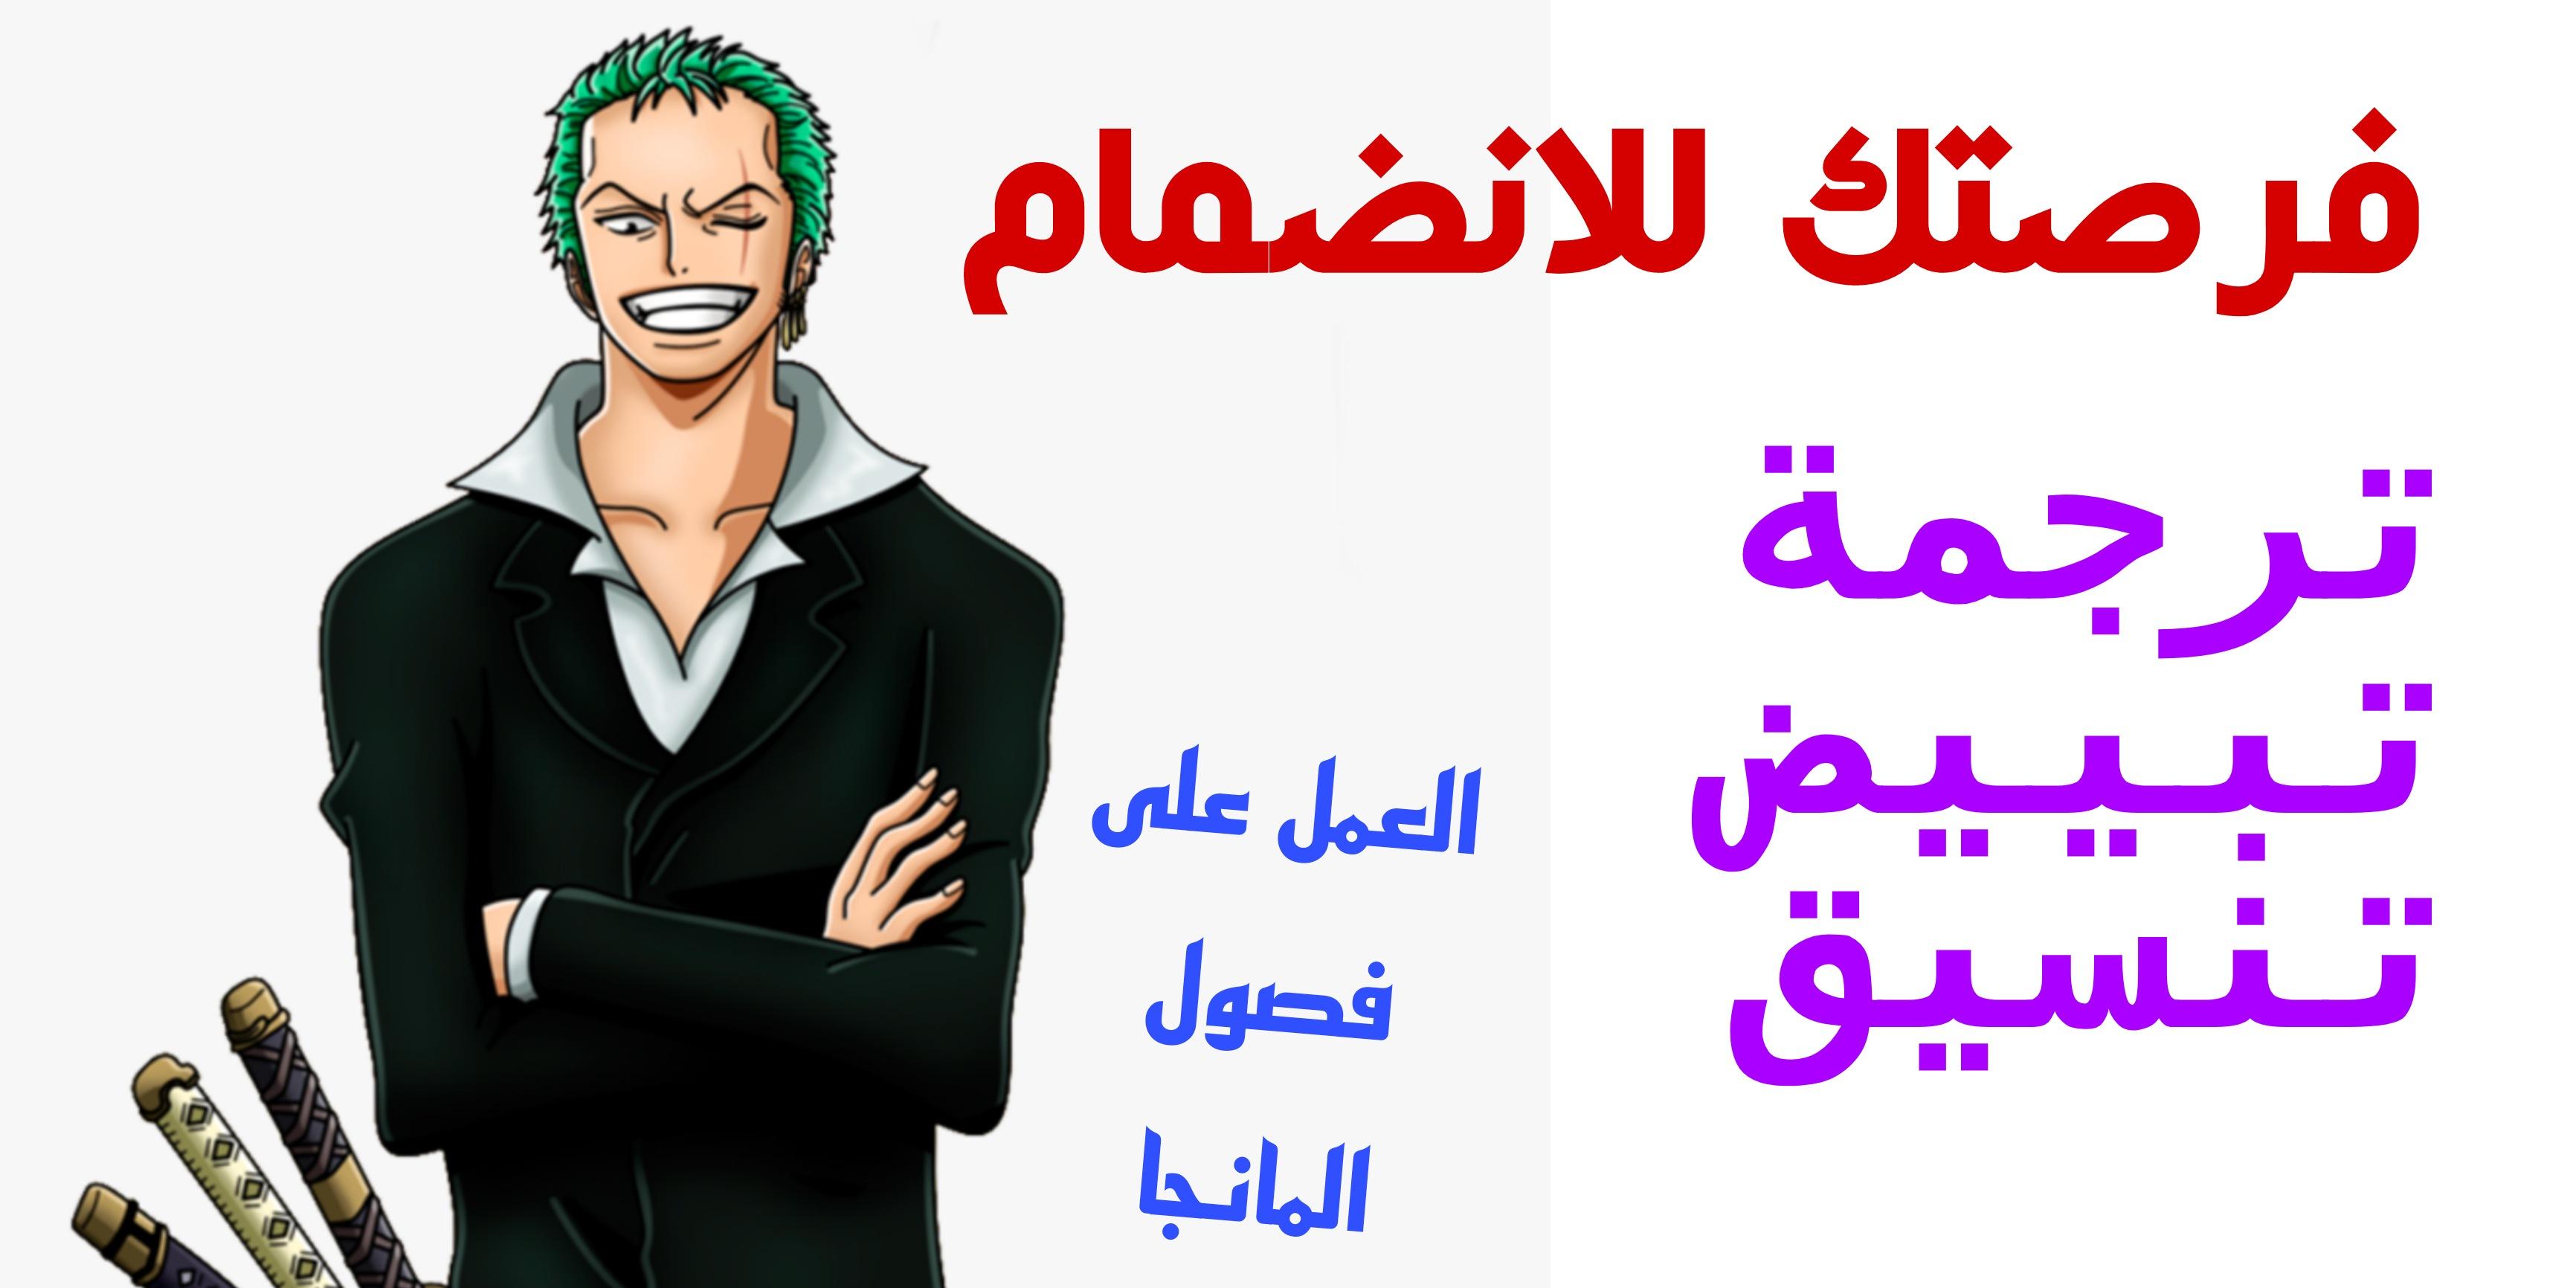 مشروع ترجمة المانجا.. لمن يريد الانتساب Cover Image